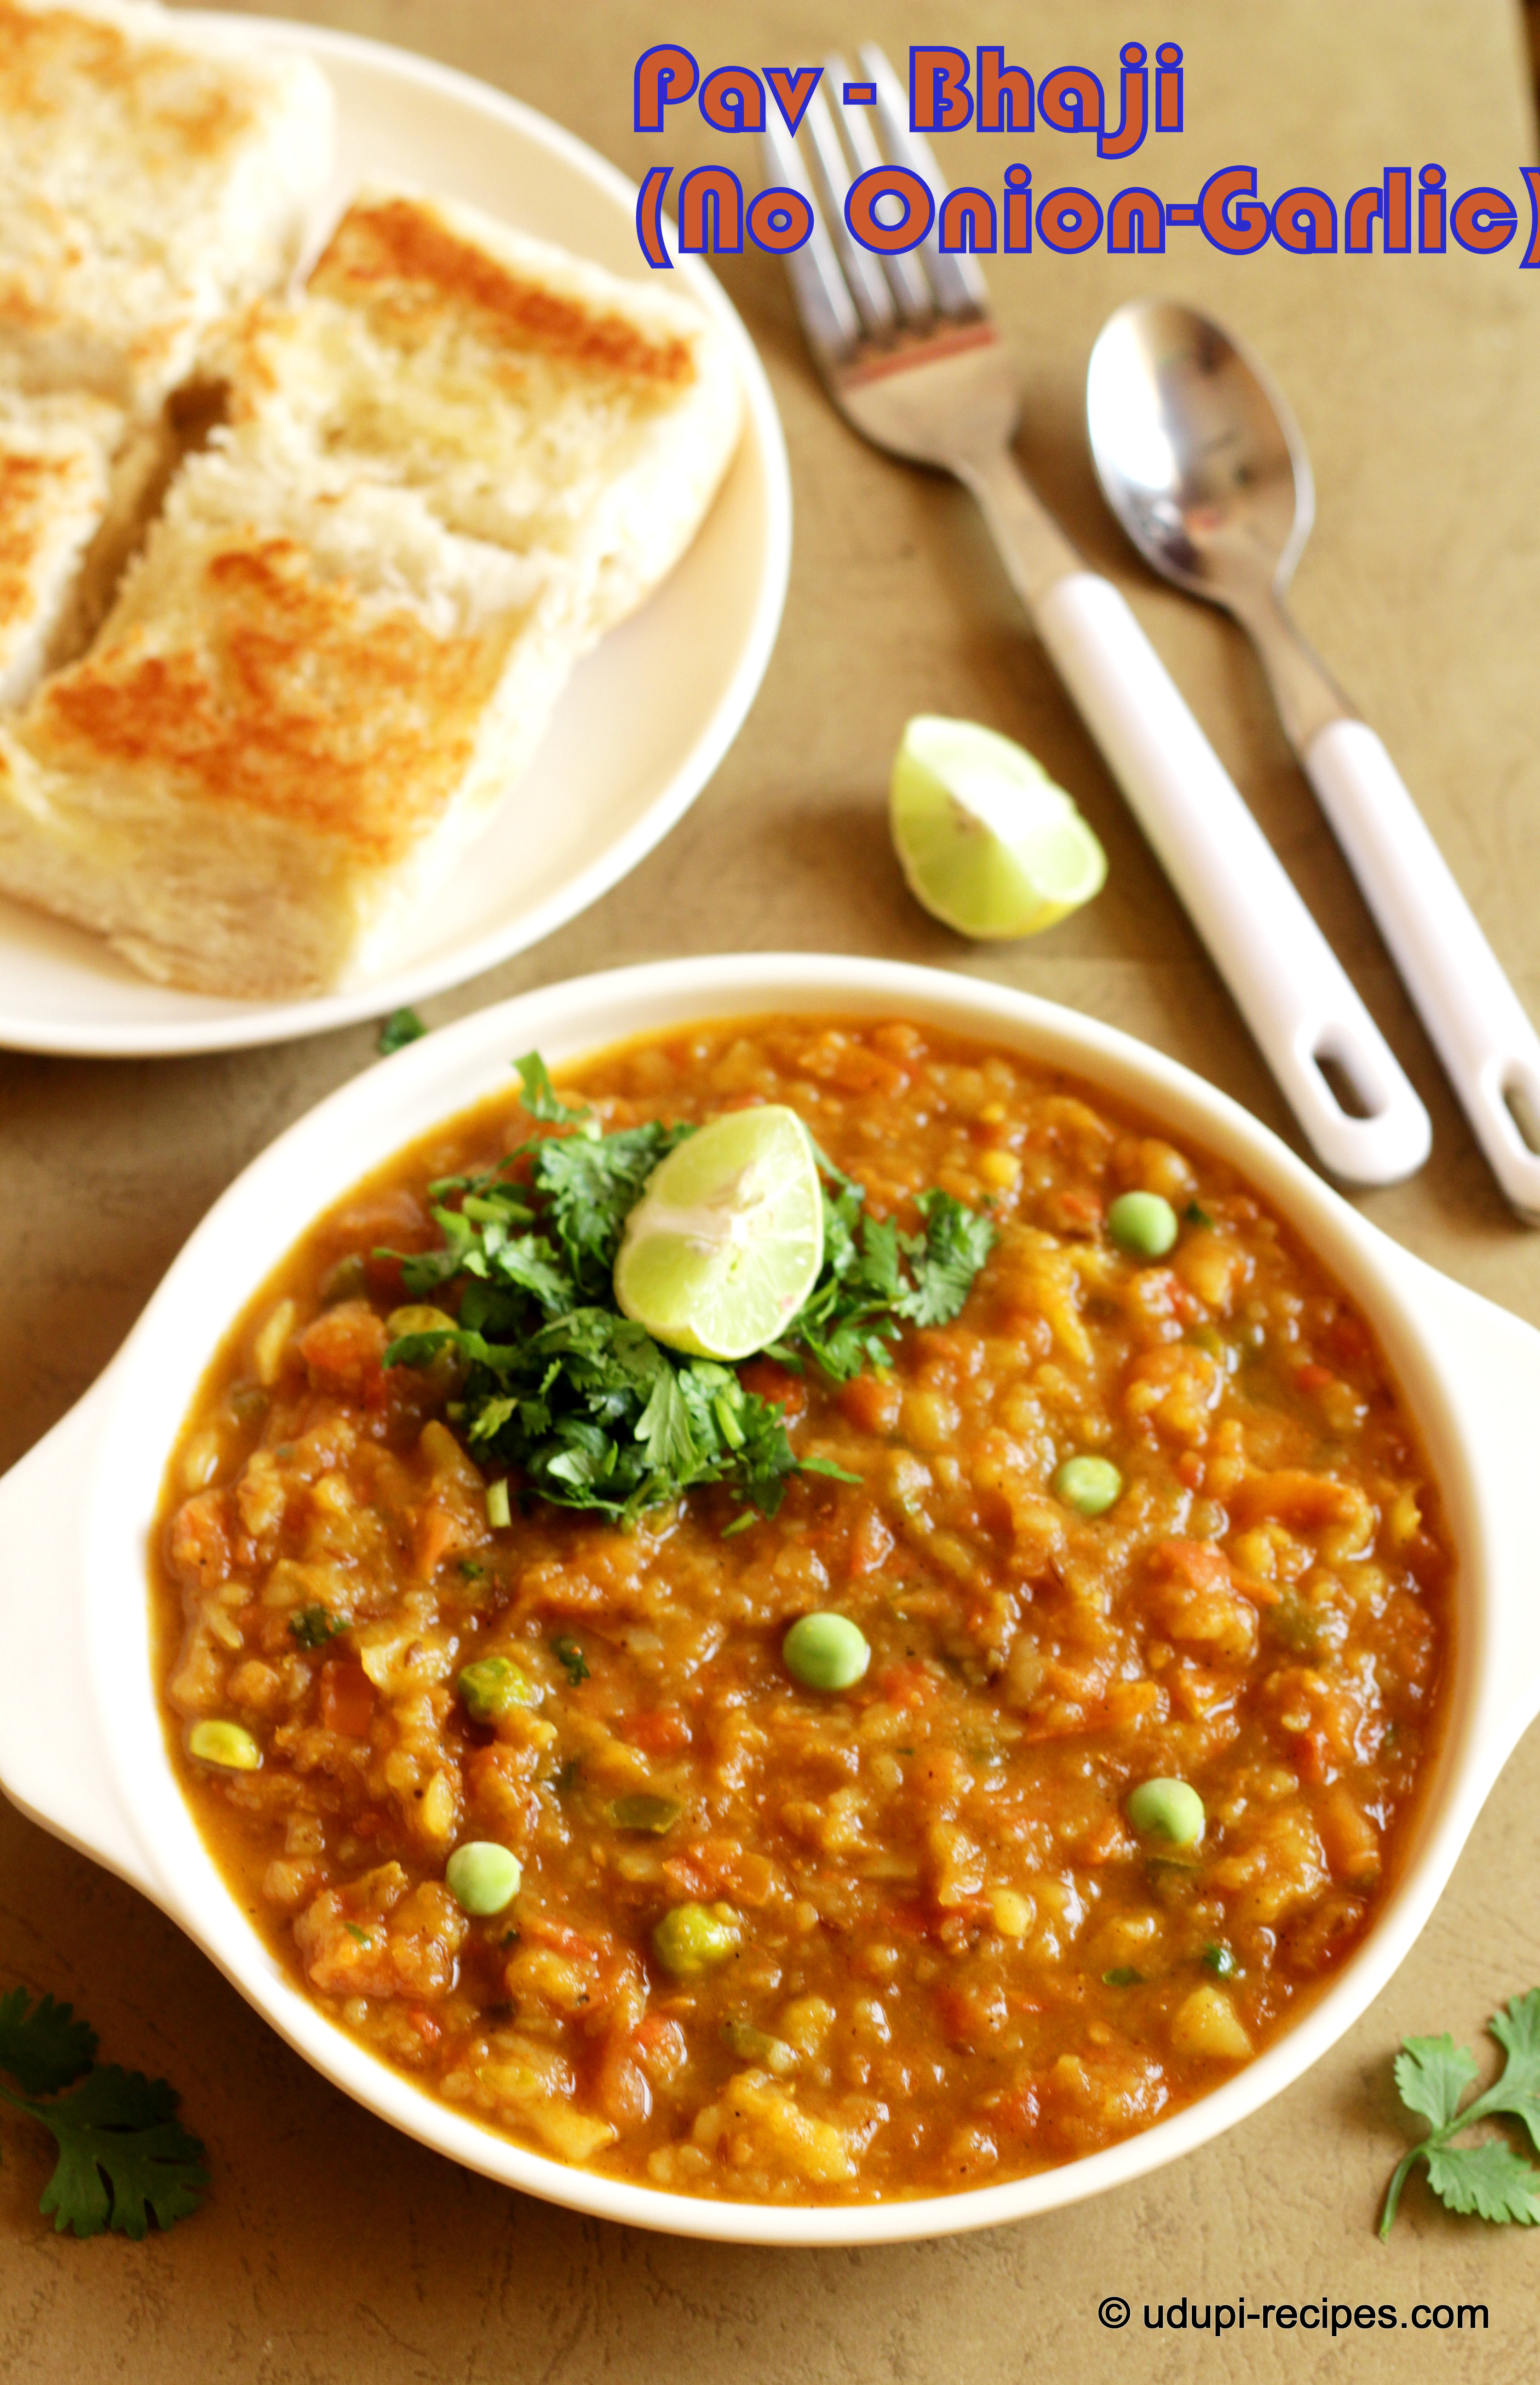 Pav Bhaji Recipe |No Onion | No Garlic